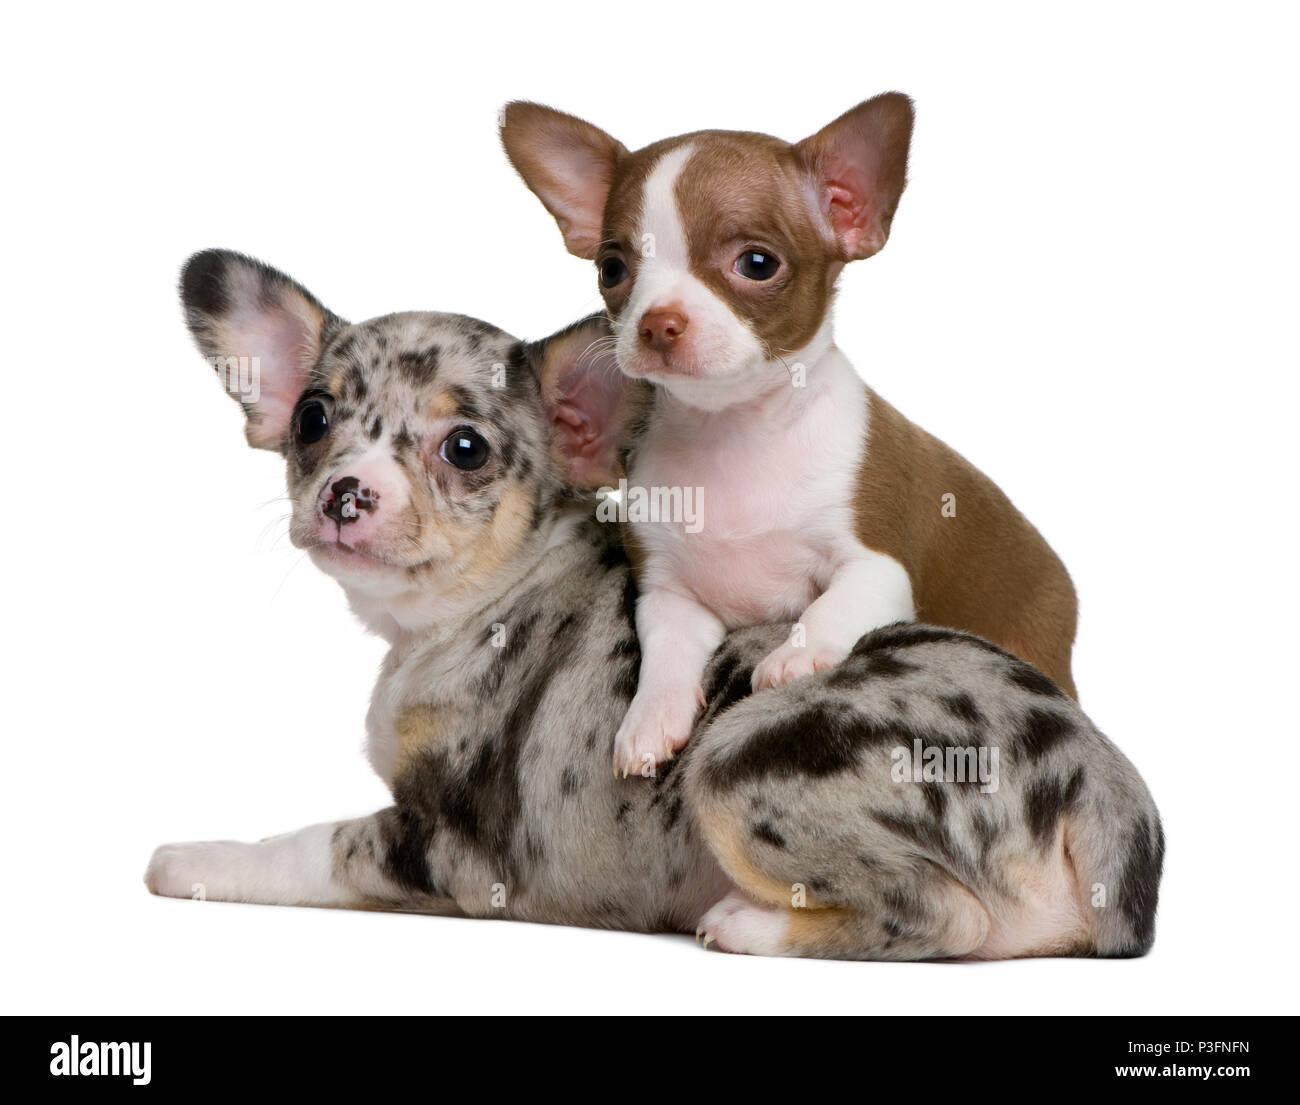 Chihuahua Welpen Zu Verschenken Chihuahua Welpen Kaufen Verkaufen 2020 05 14